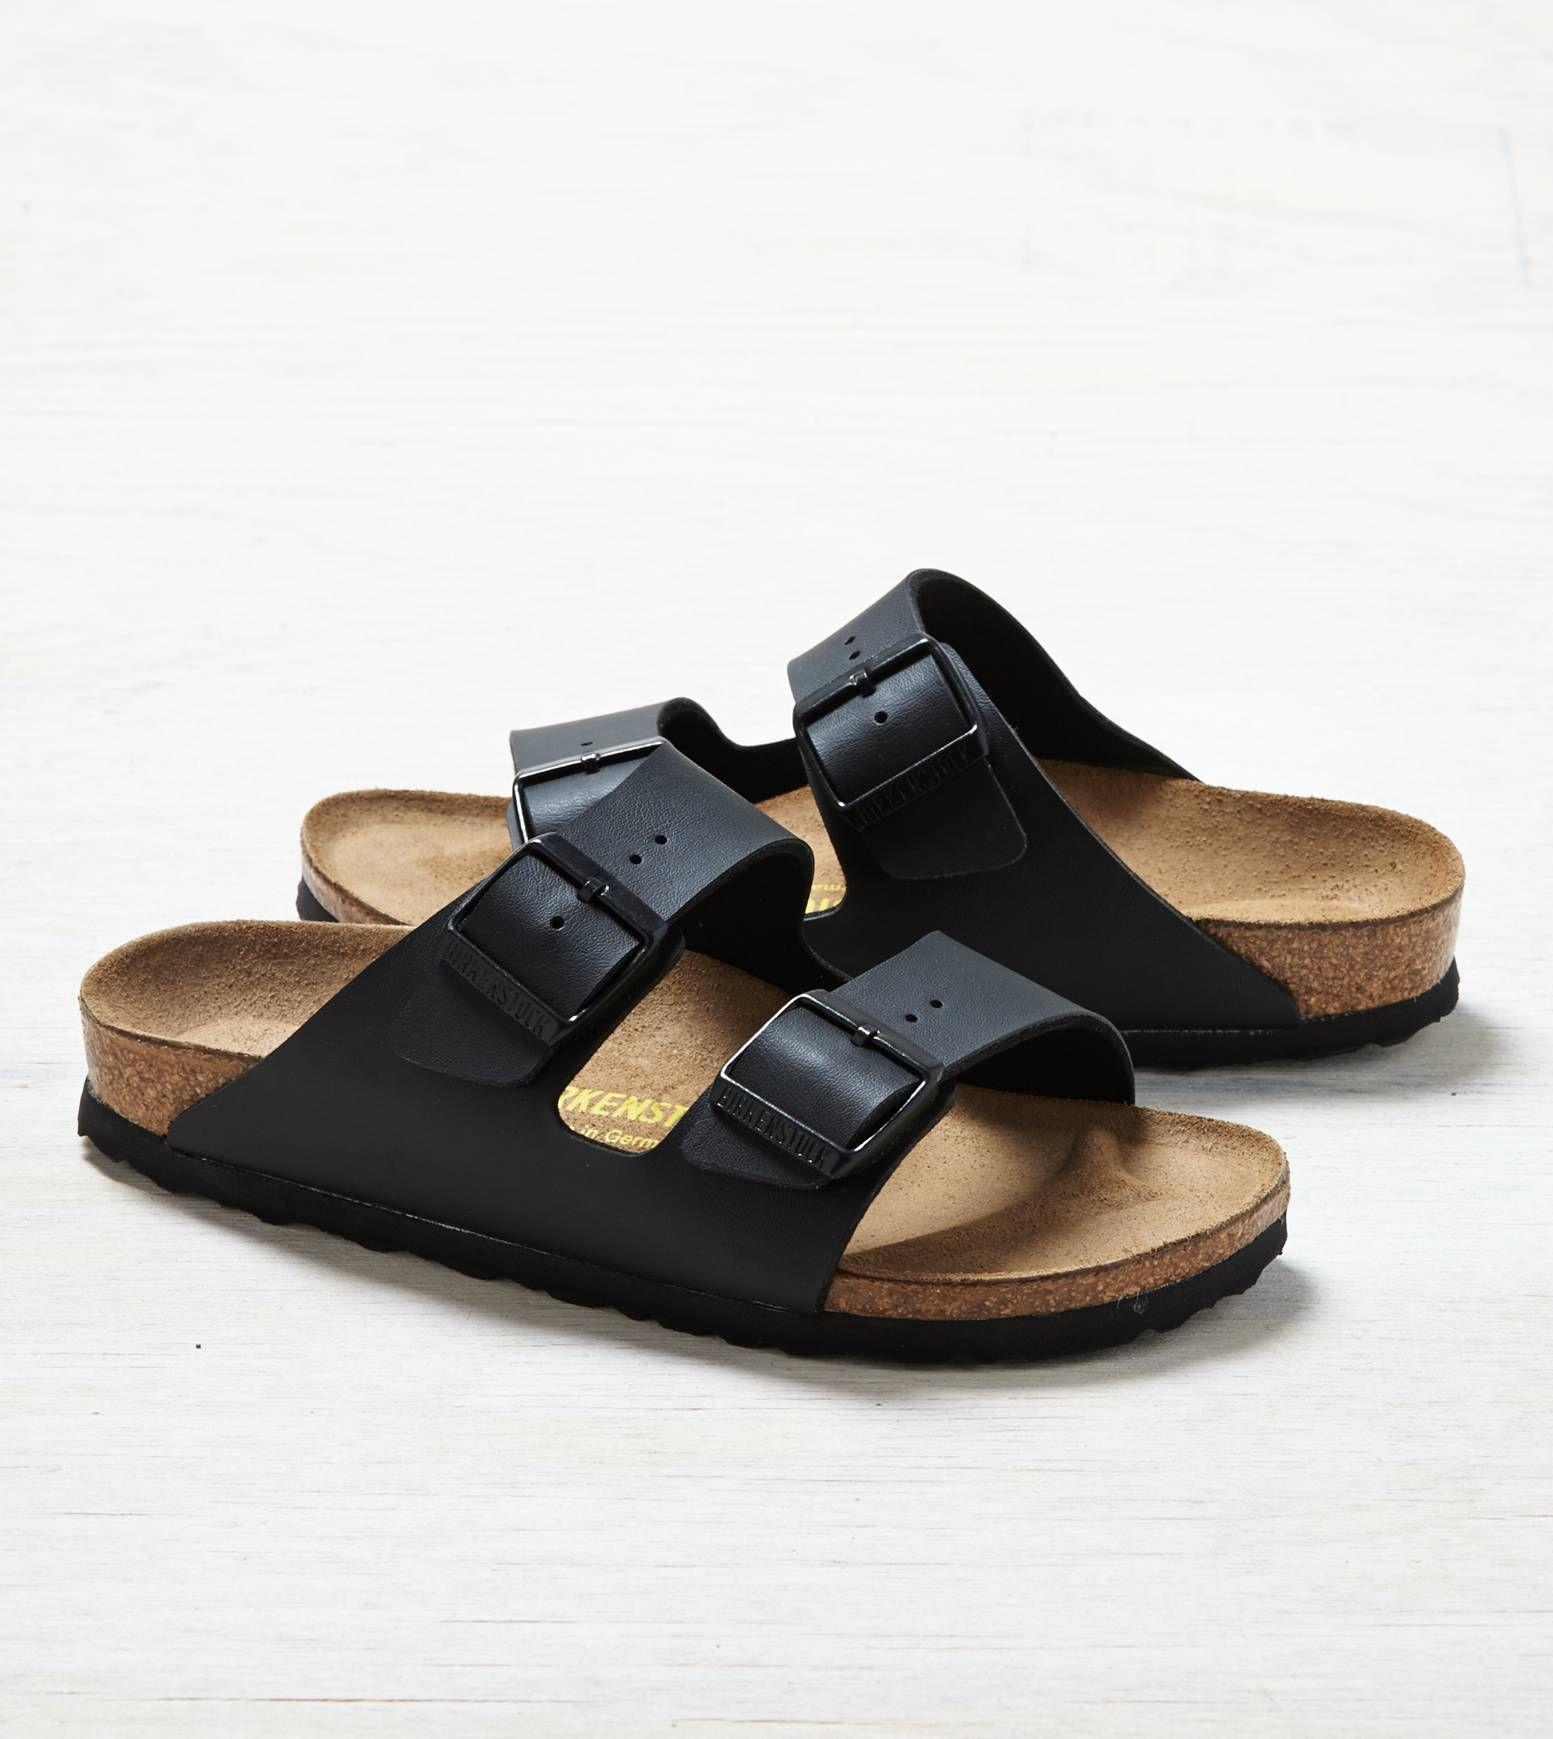 Chaussures Rohde Pantoufles Enfants Jeune Fille Boogy 2143, La Couleur Verde, Talla 25 Ue (9 Enfants Uk)